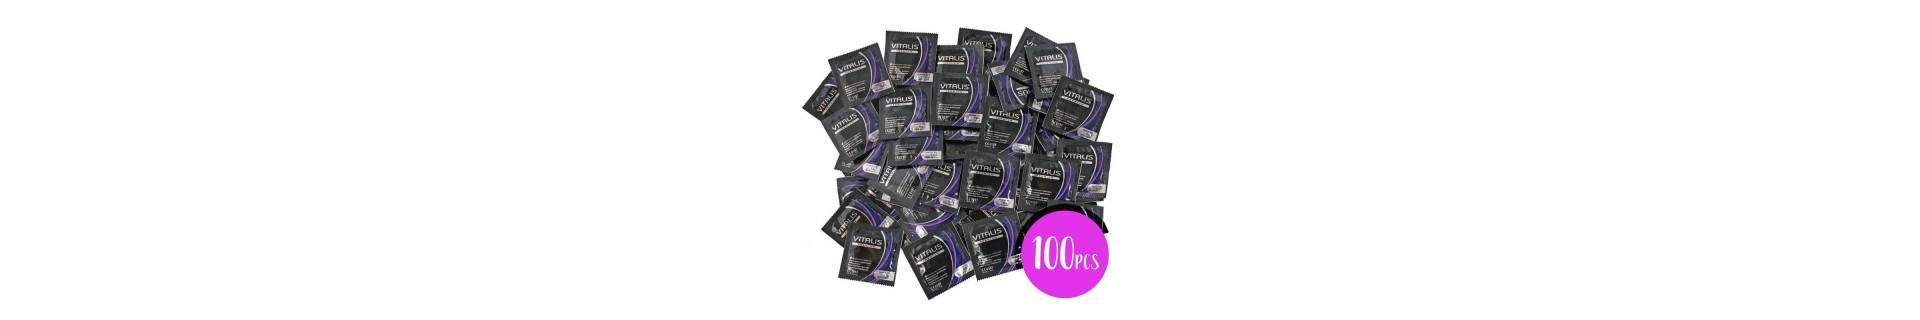 Comprar preservativos de sabores online 【Envío discreto】 ❤️